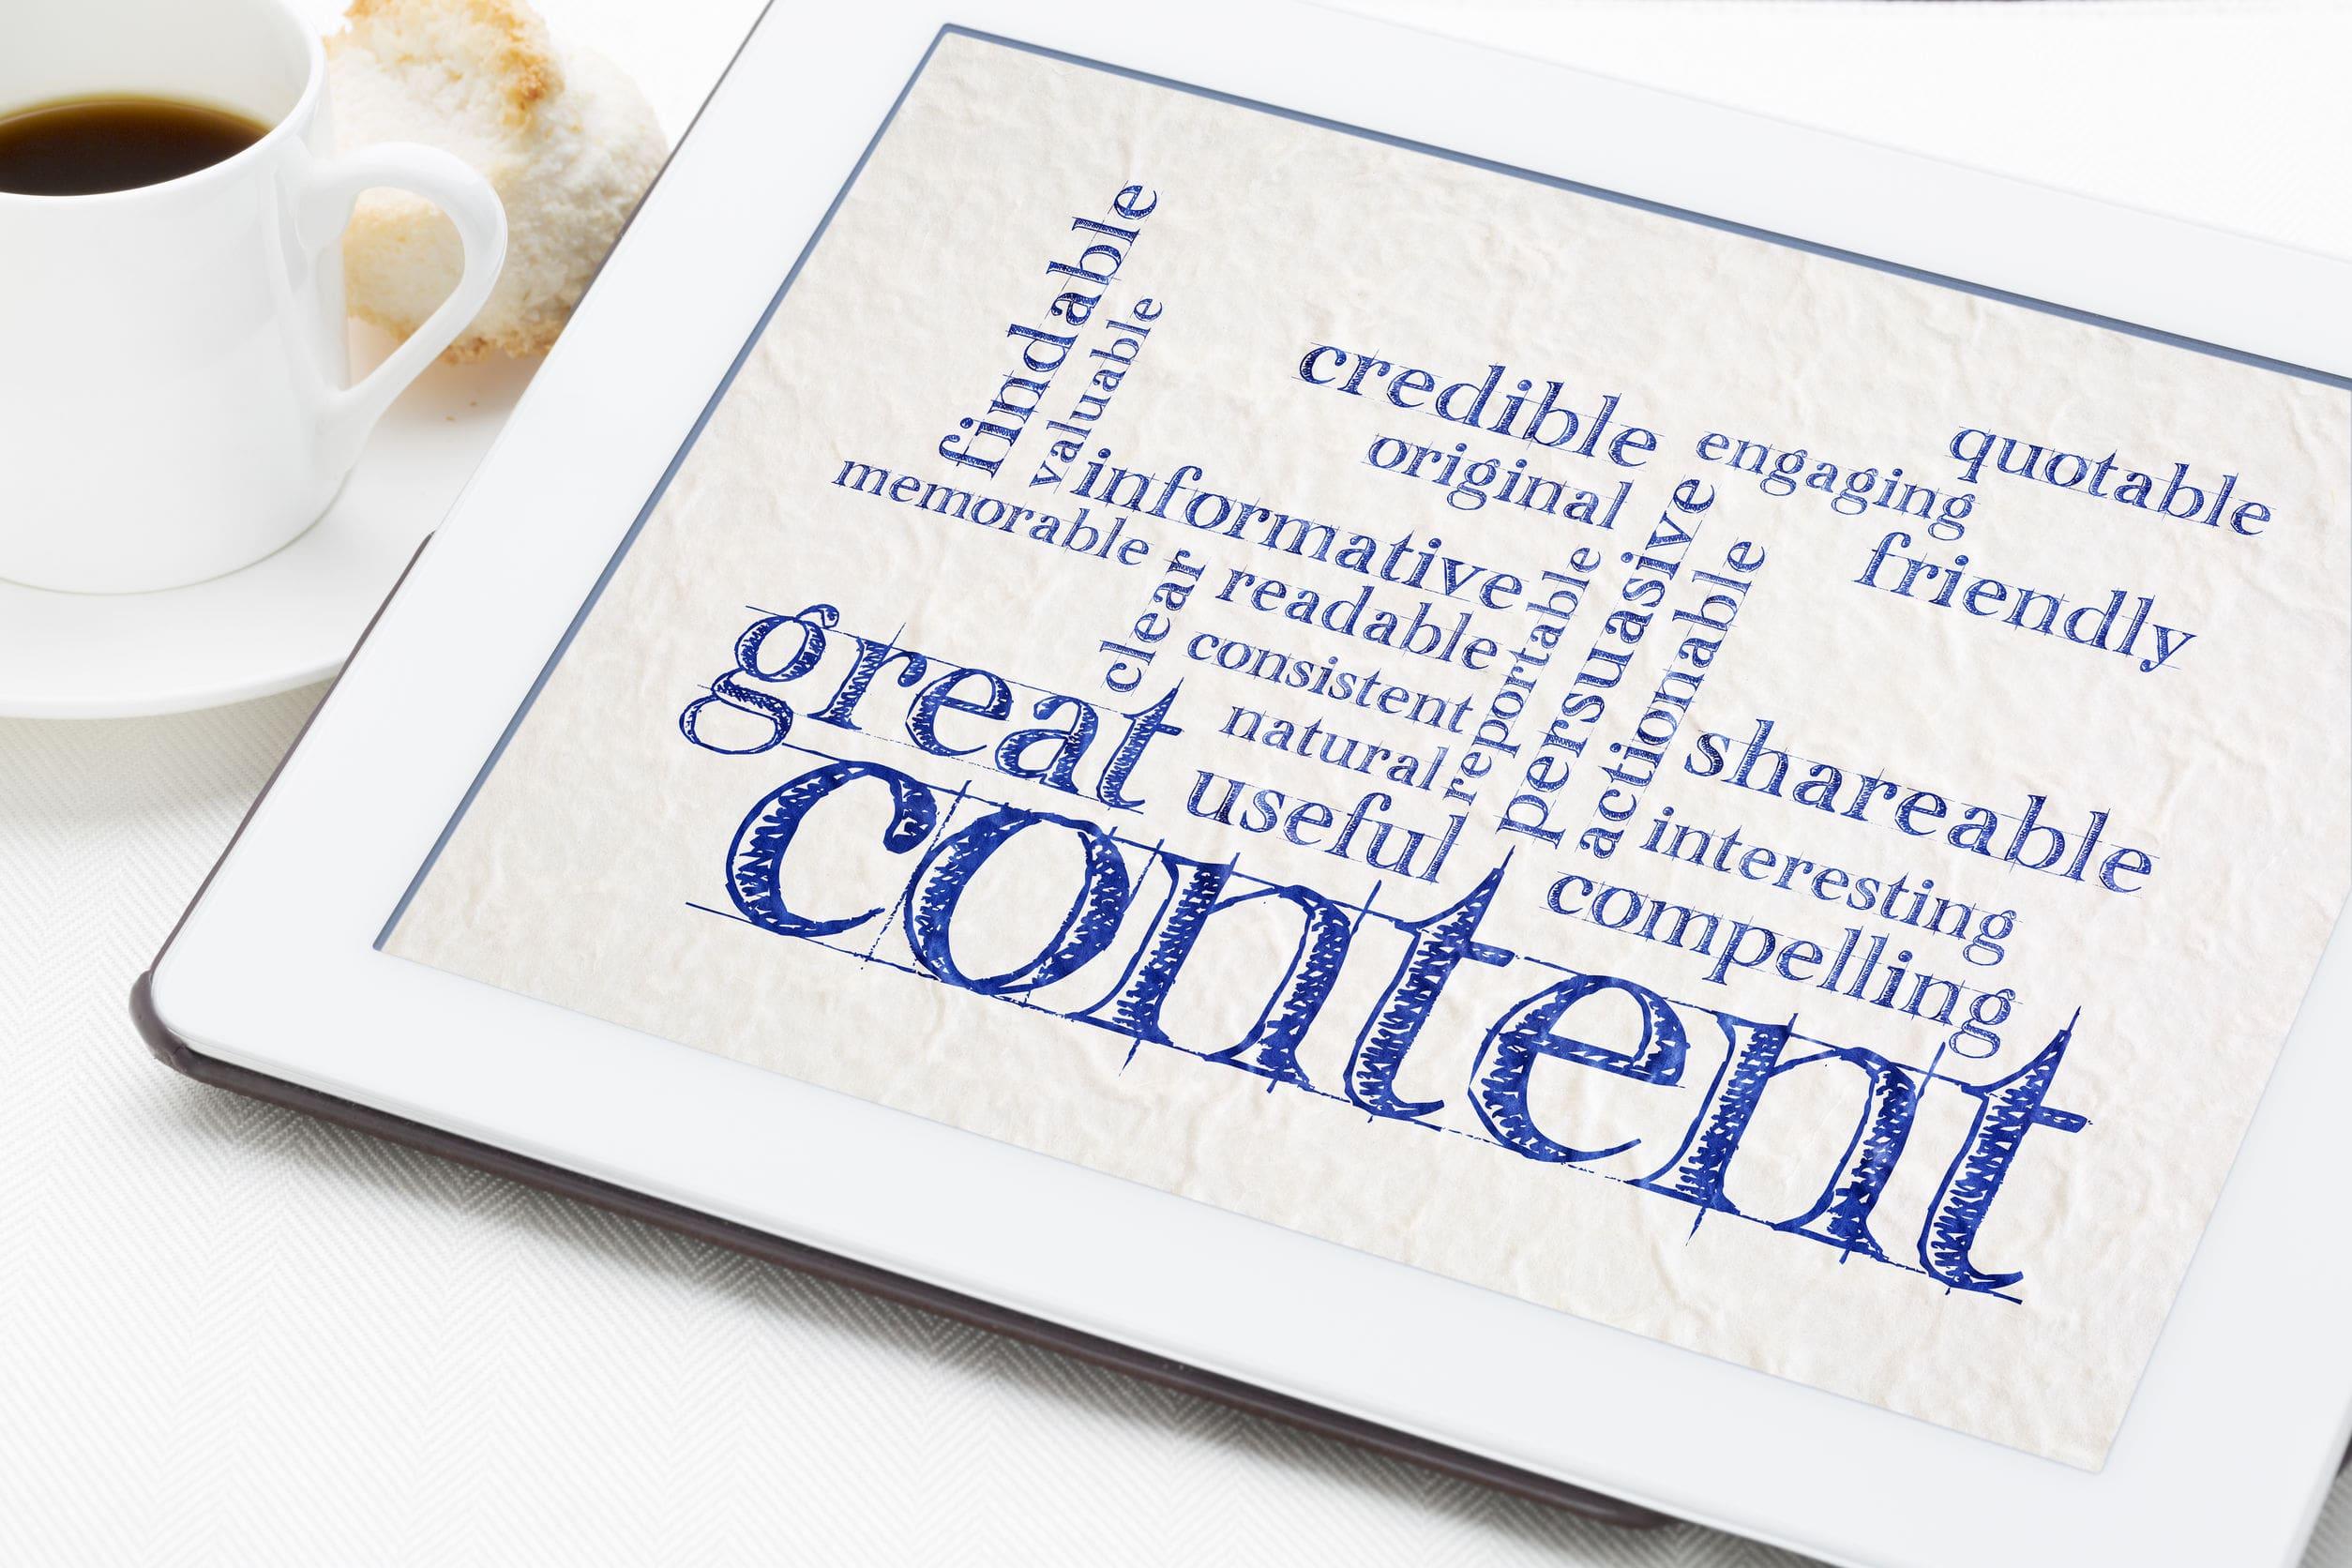 building new website content